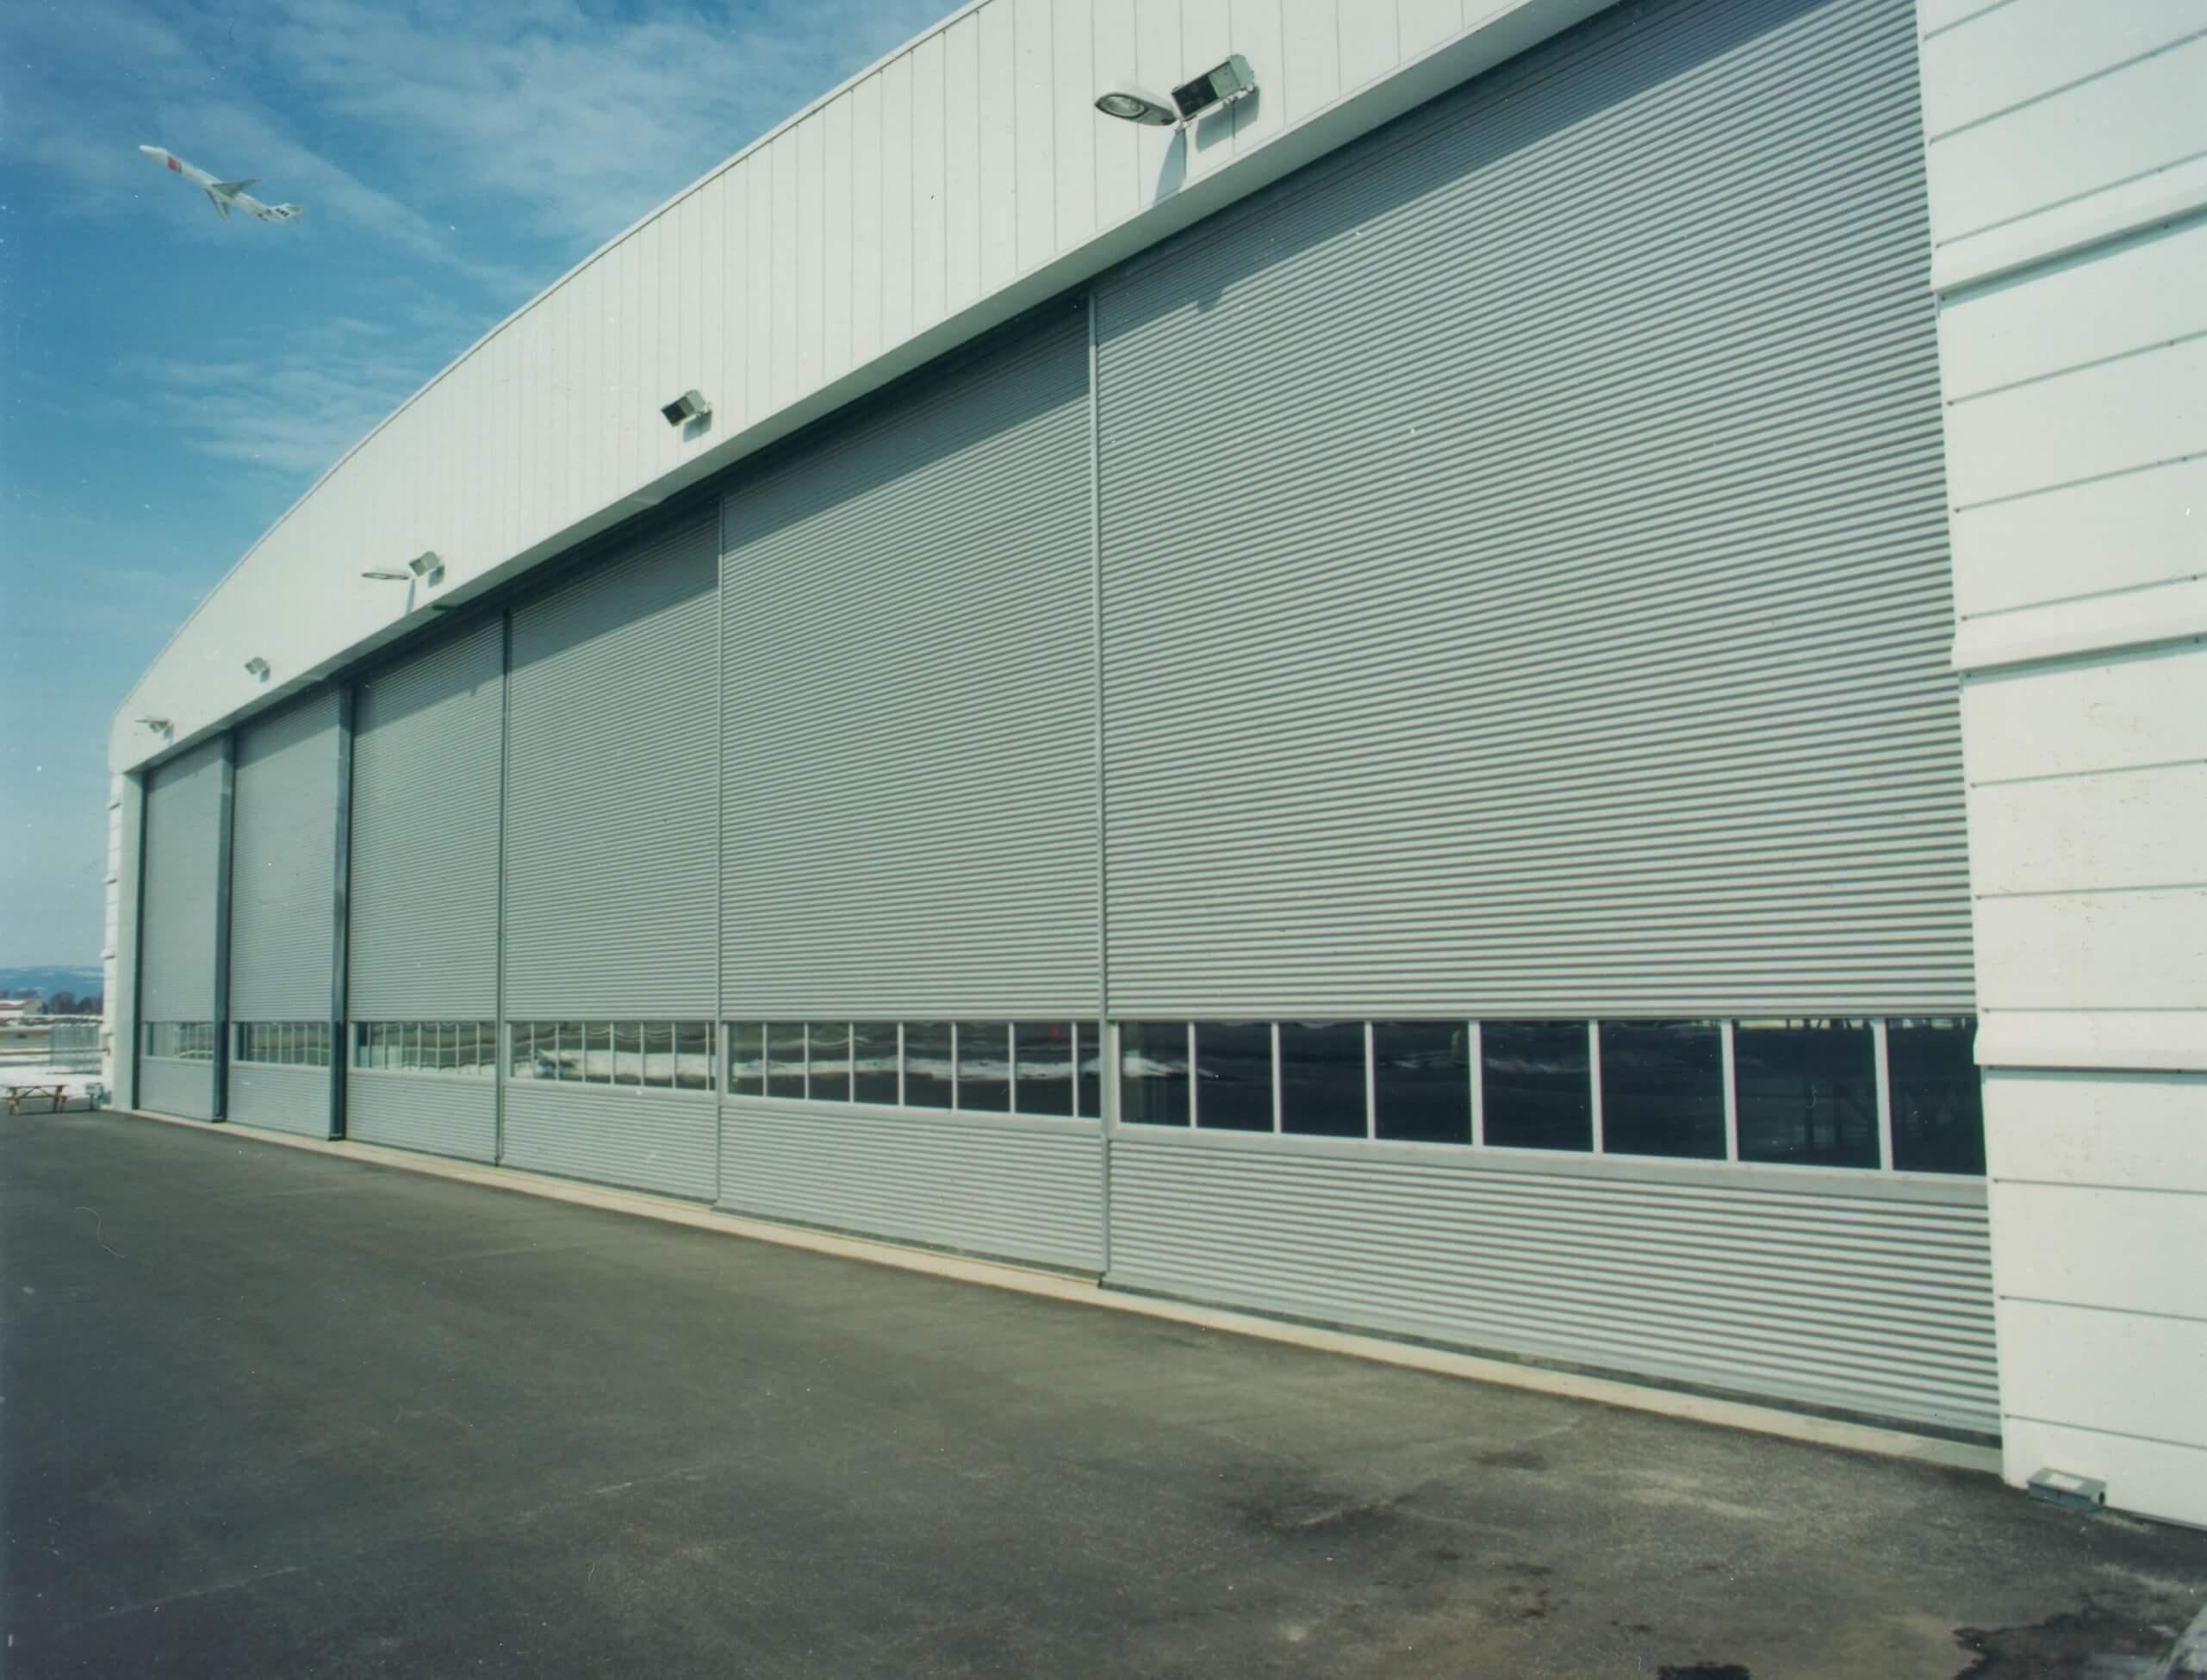 Hangarport 5